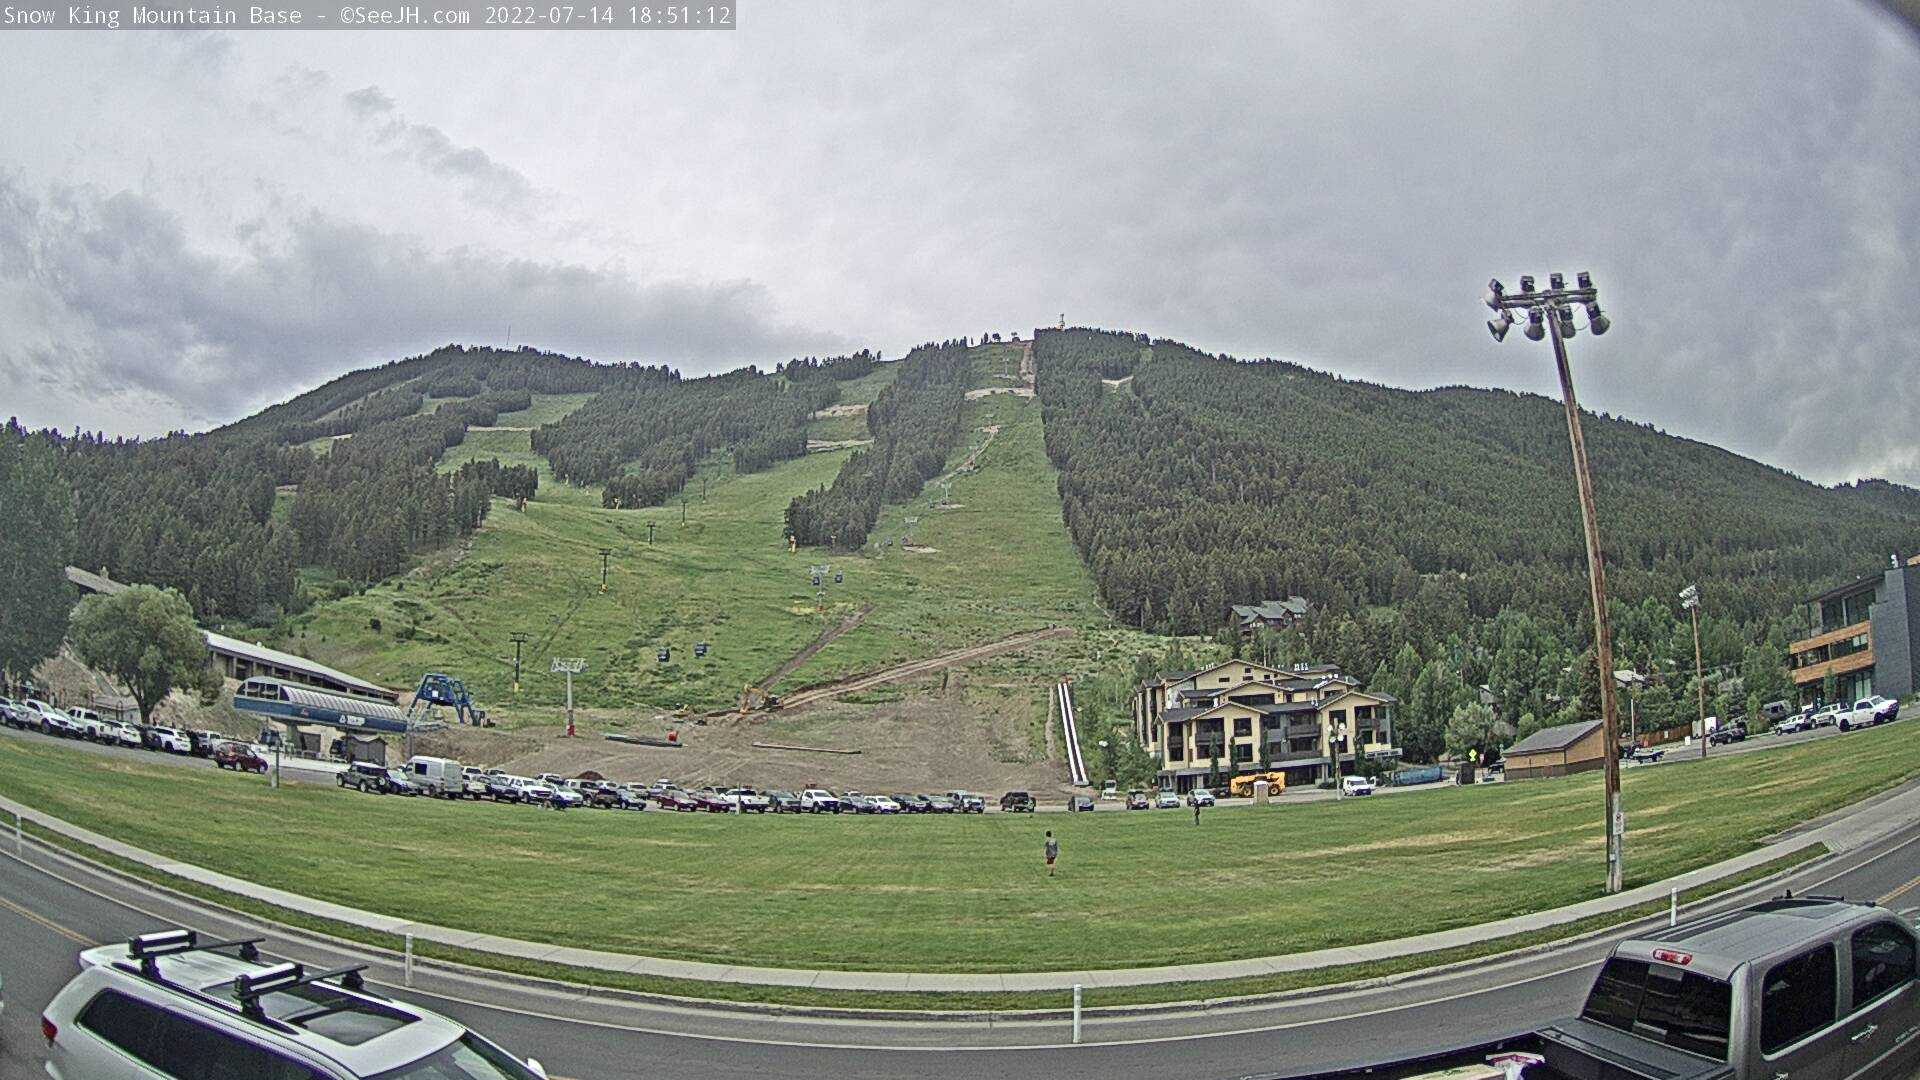 Snow King - Base View